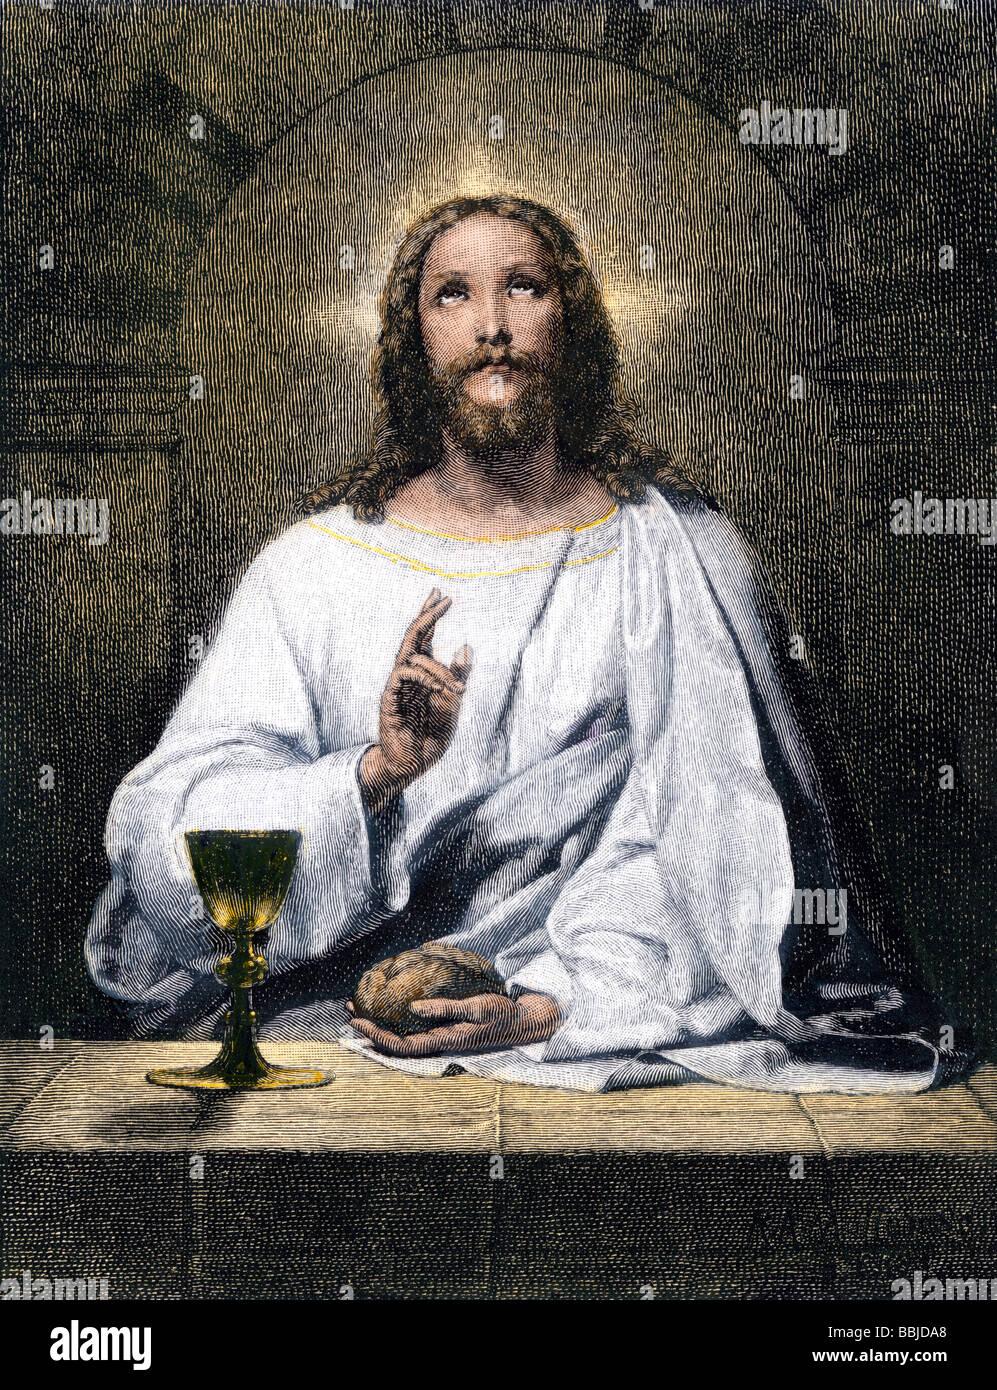 Jesus Segen Brot und Wein in Emmaus. Hand - farbige Holzschnitt Stockfoto